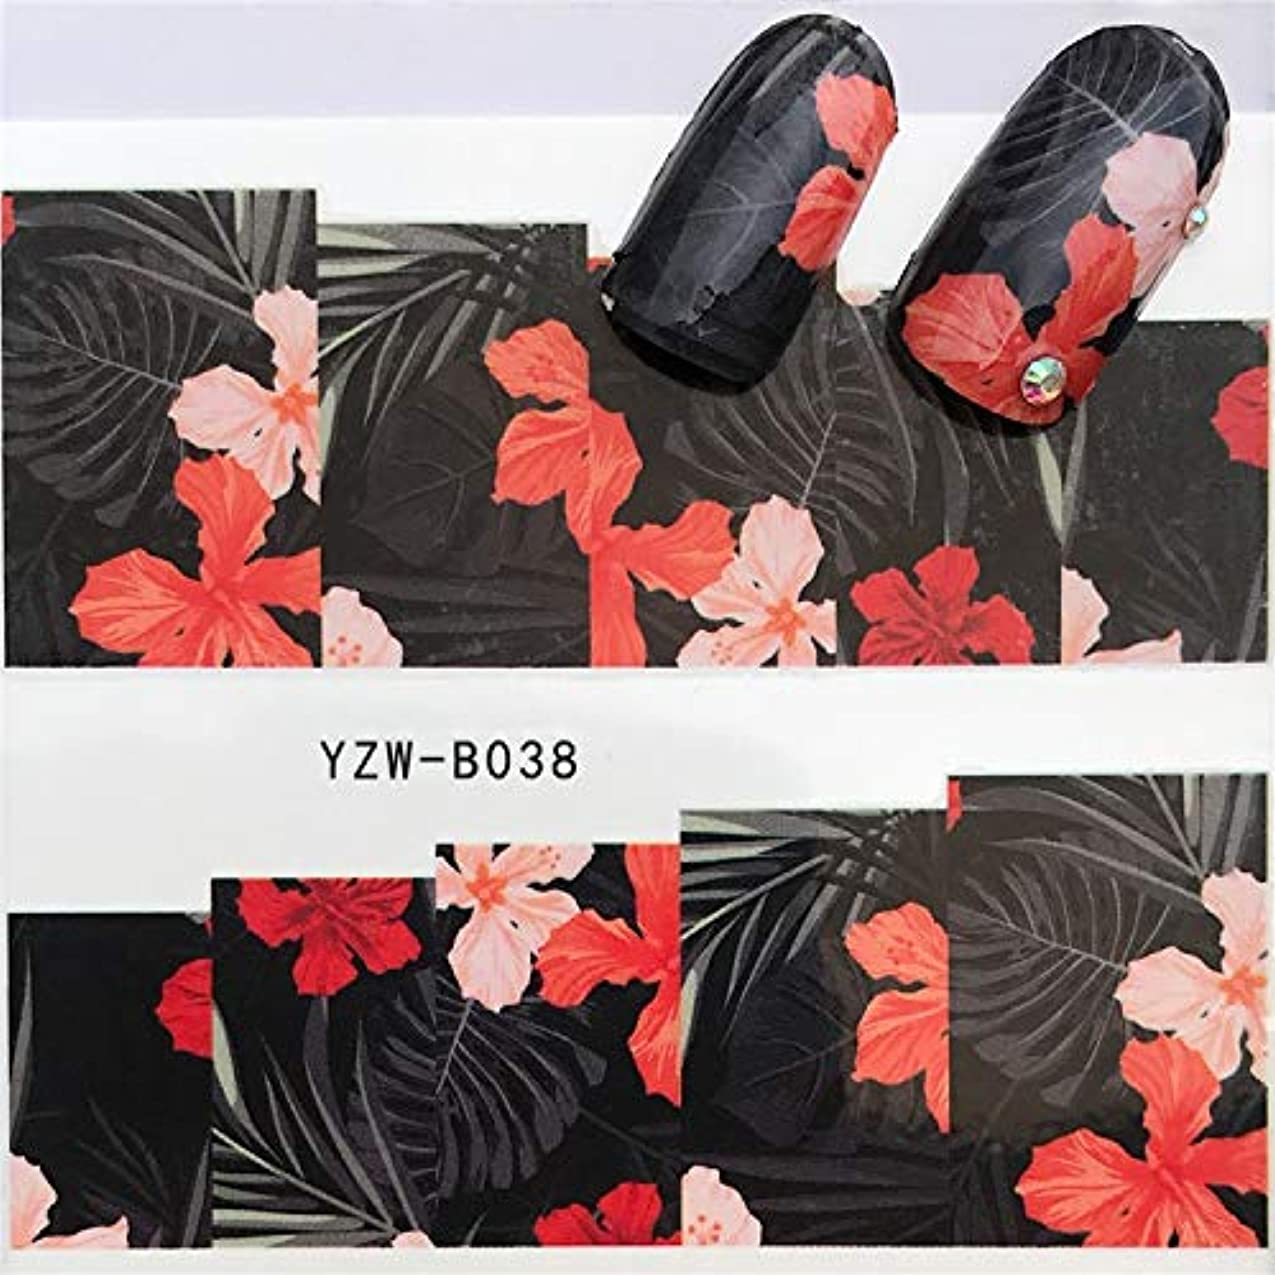 地区フェリー浴室ビューティー&パーソナルケア 3個ネイルステッカーセットデカール水転写スライダーネイルアートデコレーション、色:YZWB038 ステッカー&デカール